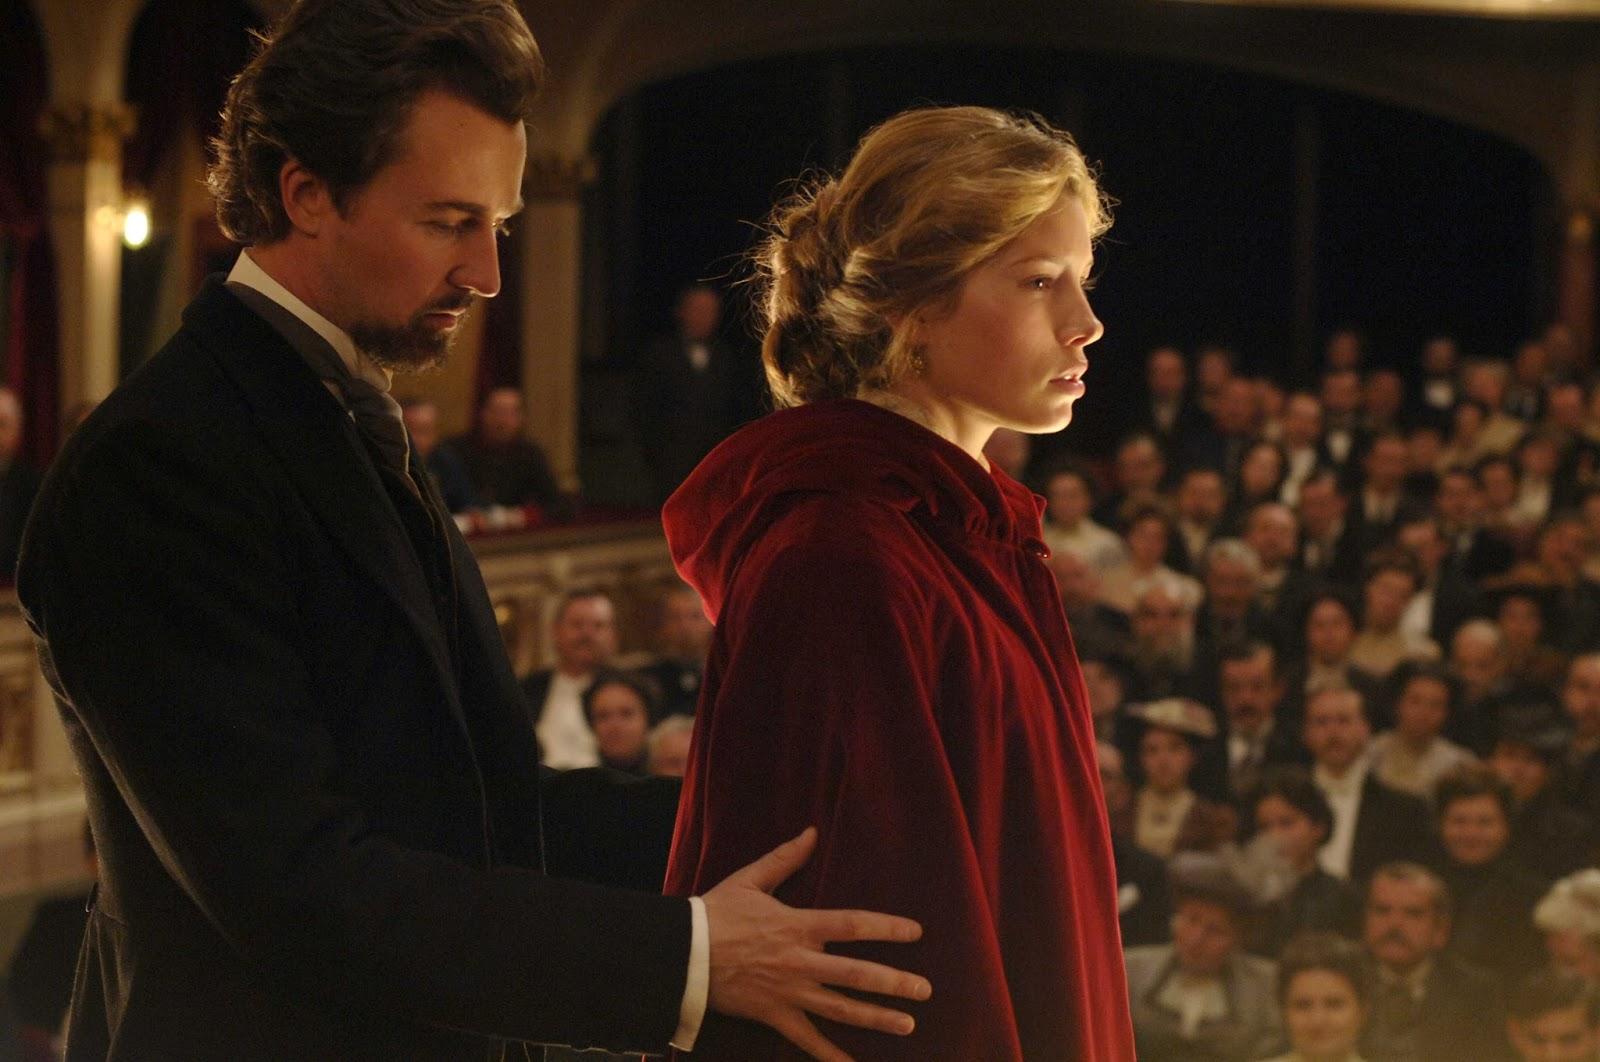 Eisenheim (Edward Norton) onstage with Countess Sophie von Teschen (Jessica Biel) in The Illusionist (2006)